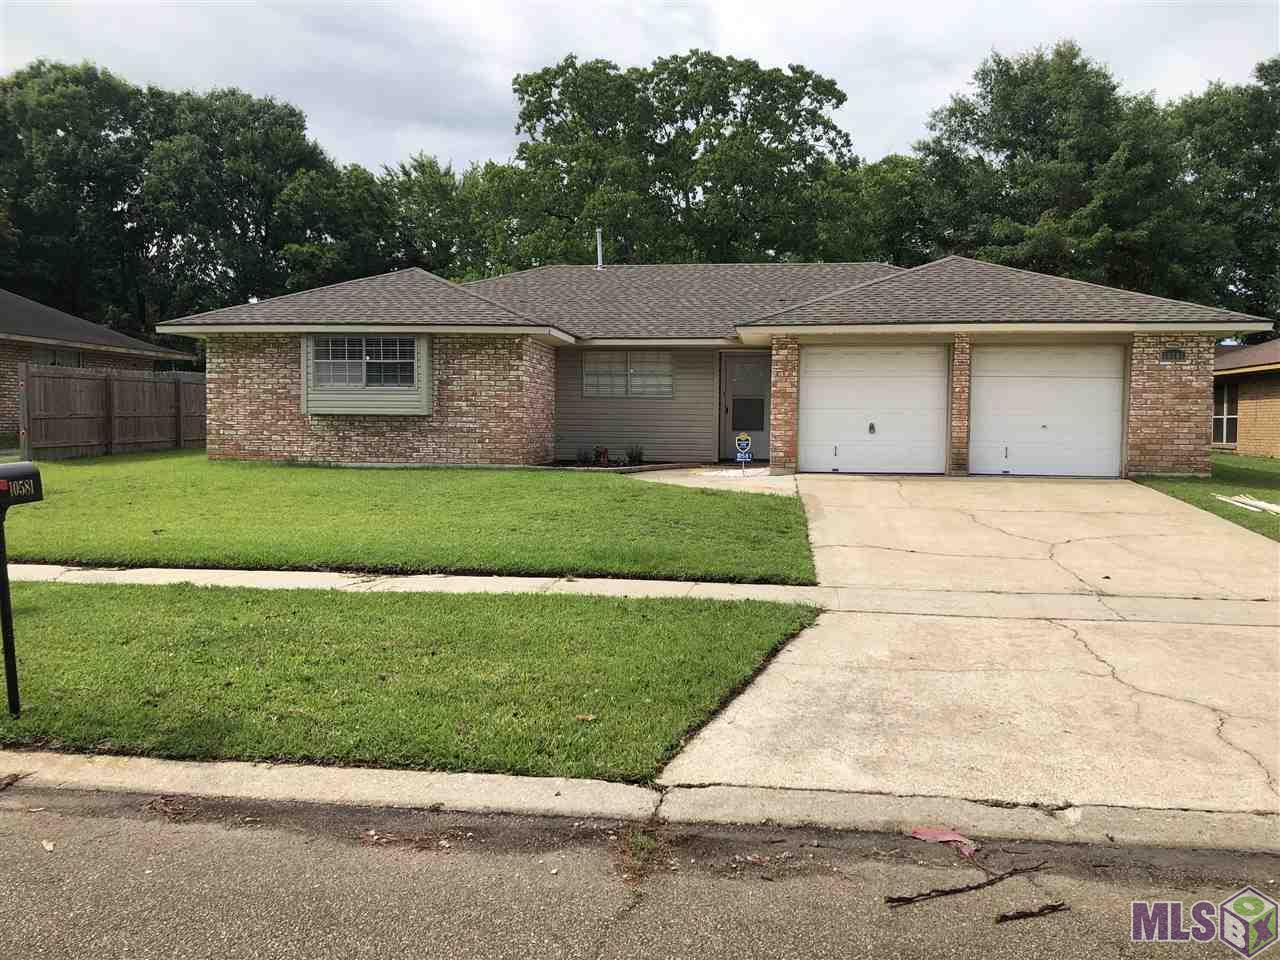 10581 WHEELER BEND AVE, Baton Rouge, LA 70814